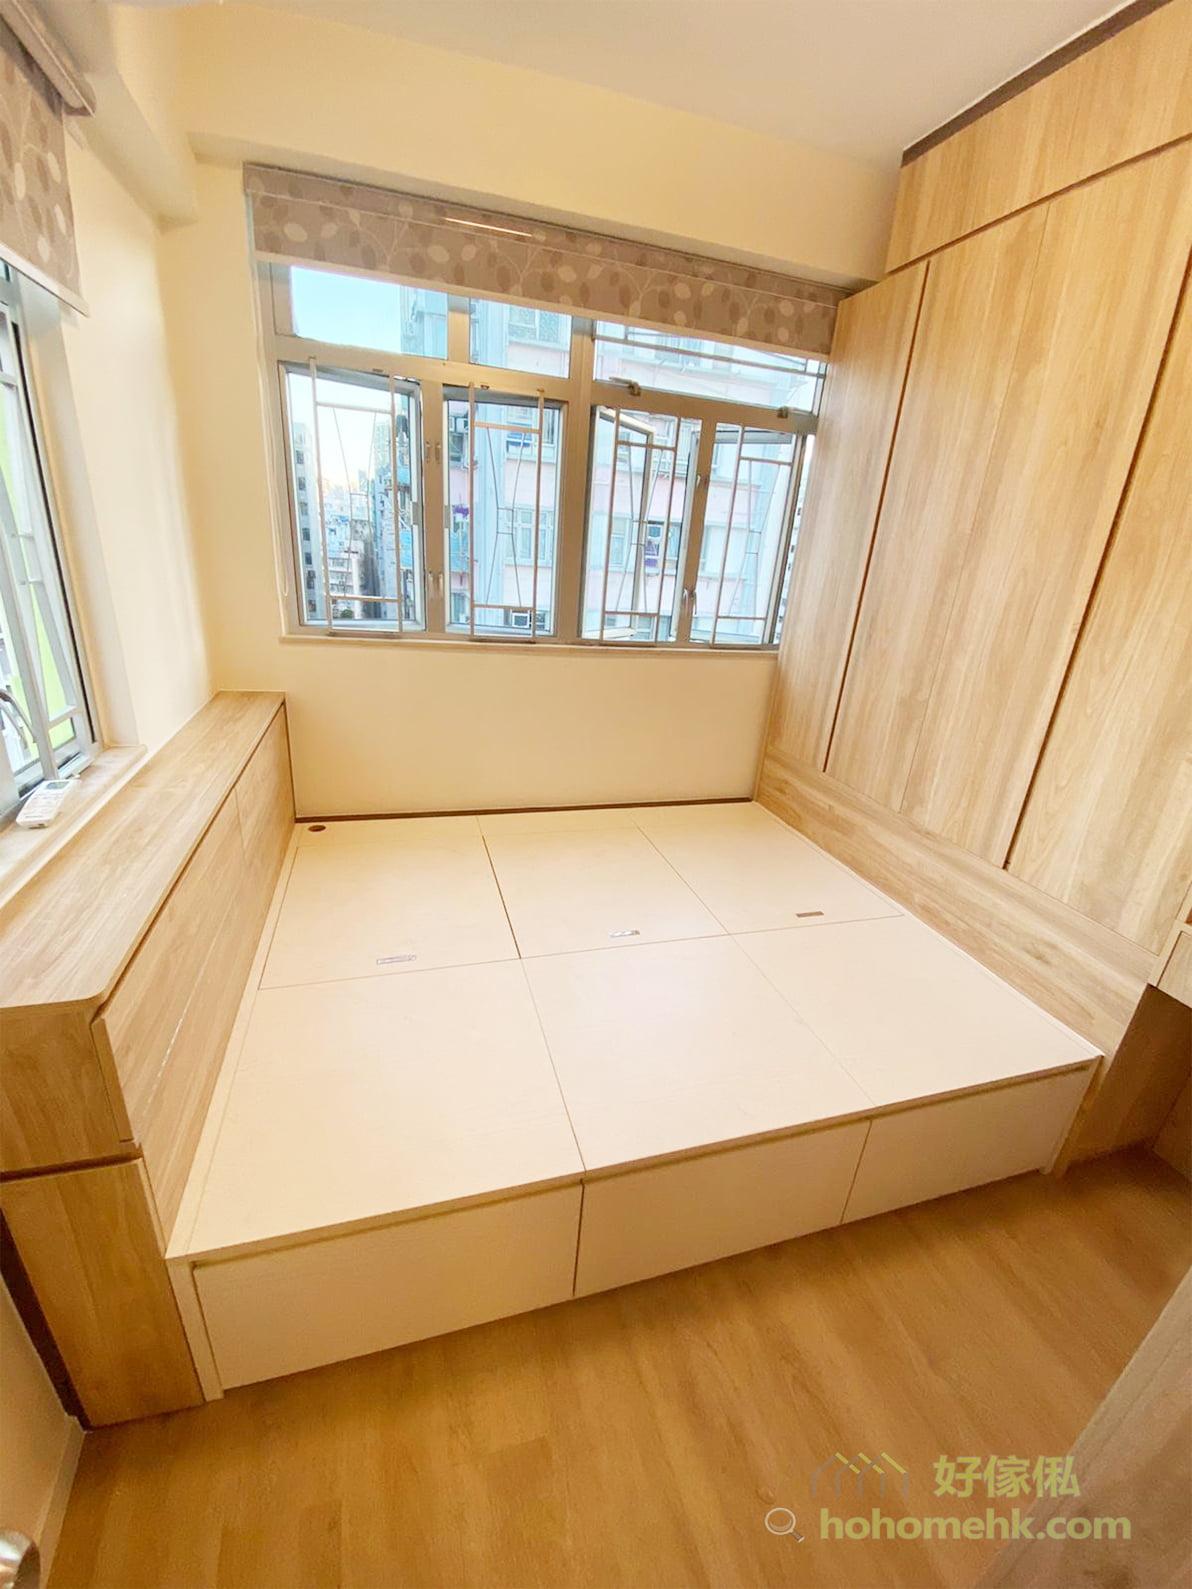 床頭櫃的隱藏式收納就能減輕空間的累贅感,讓你可以神不知鬼不覺地把小型的日用品收起來,而不會讓人覺得多了一個明顯的儲物櫃